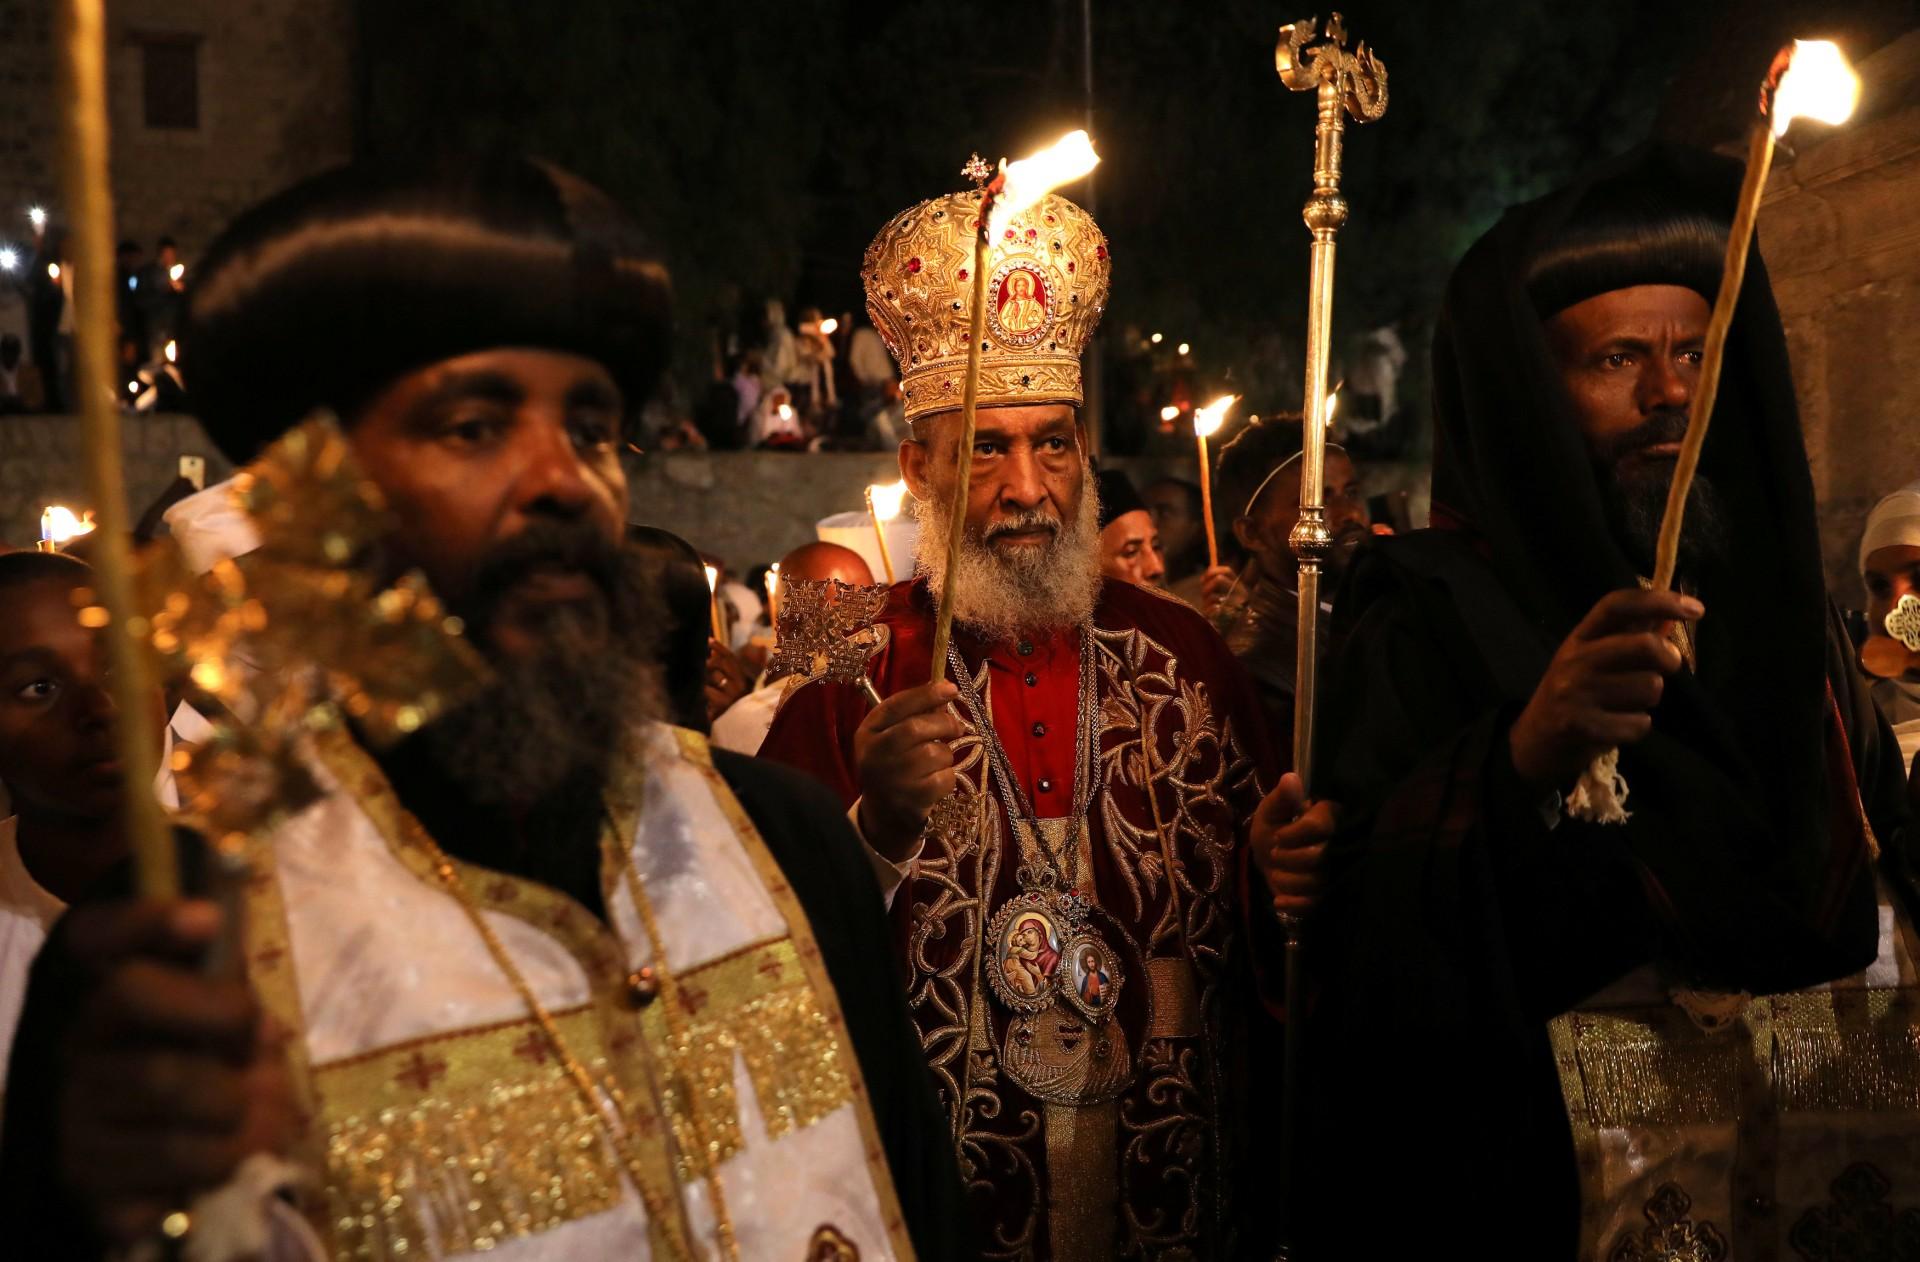 El arzobispo Abune Enbakom, de la Iglesia Ortodoxa Etíope en Jerusalén (C), participa en la ceremonia del Fuego Sagrado en la sección etíope de la Iglesia del Santo Sepulcro en la Ciudad Vieja de Jerusalén, el 7 de abril de 2018.